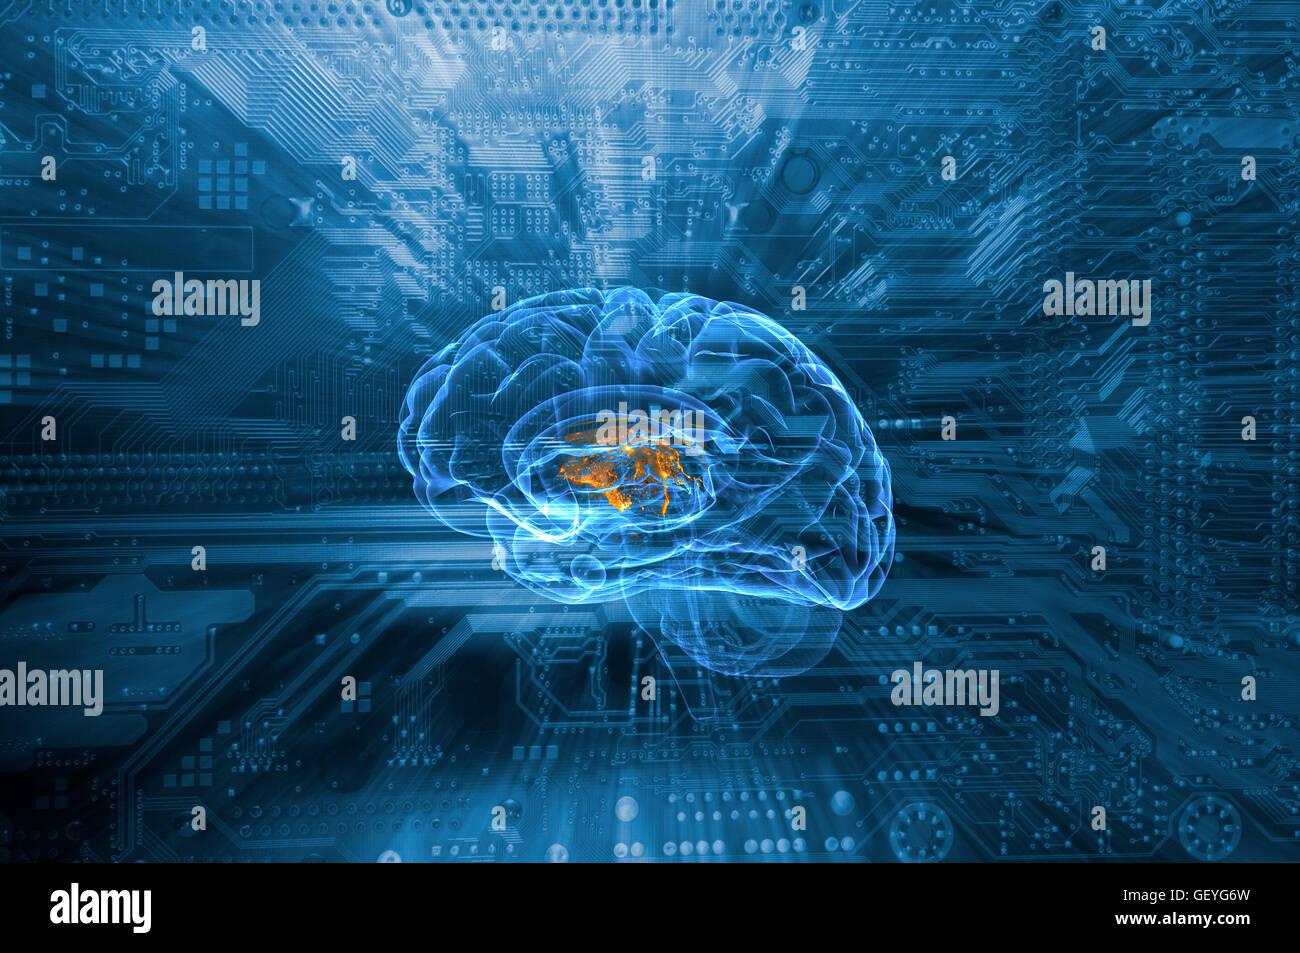 künstliche Intelligenz und Kommunikation Stockbild